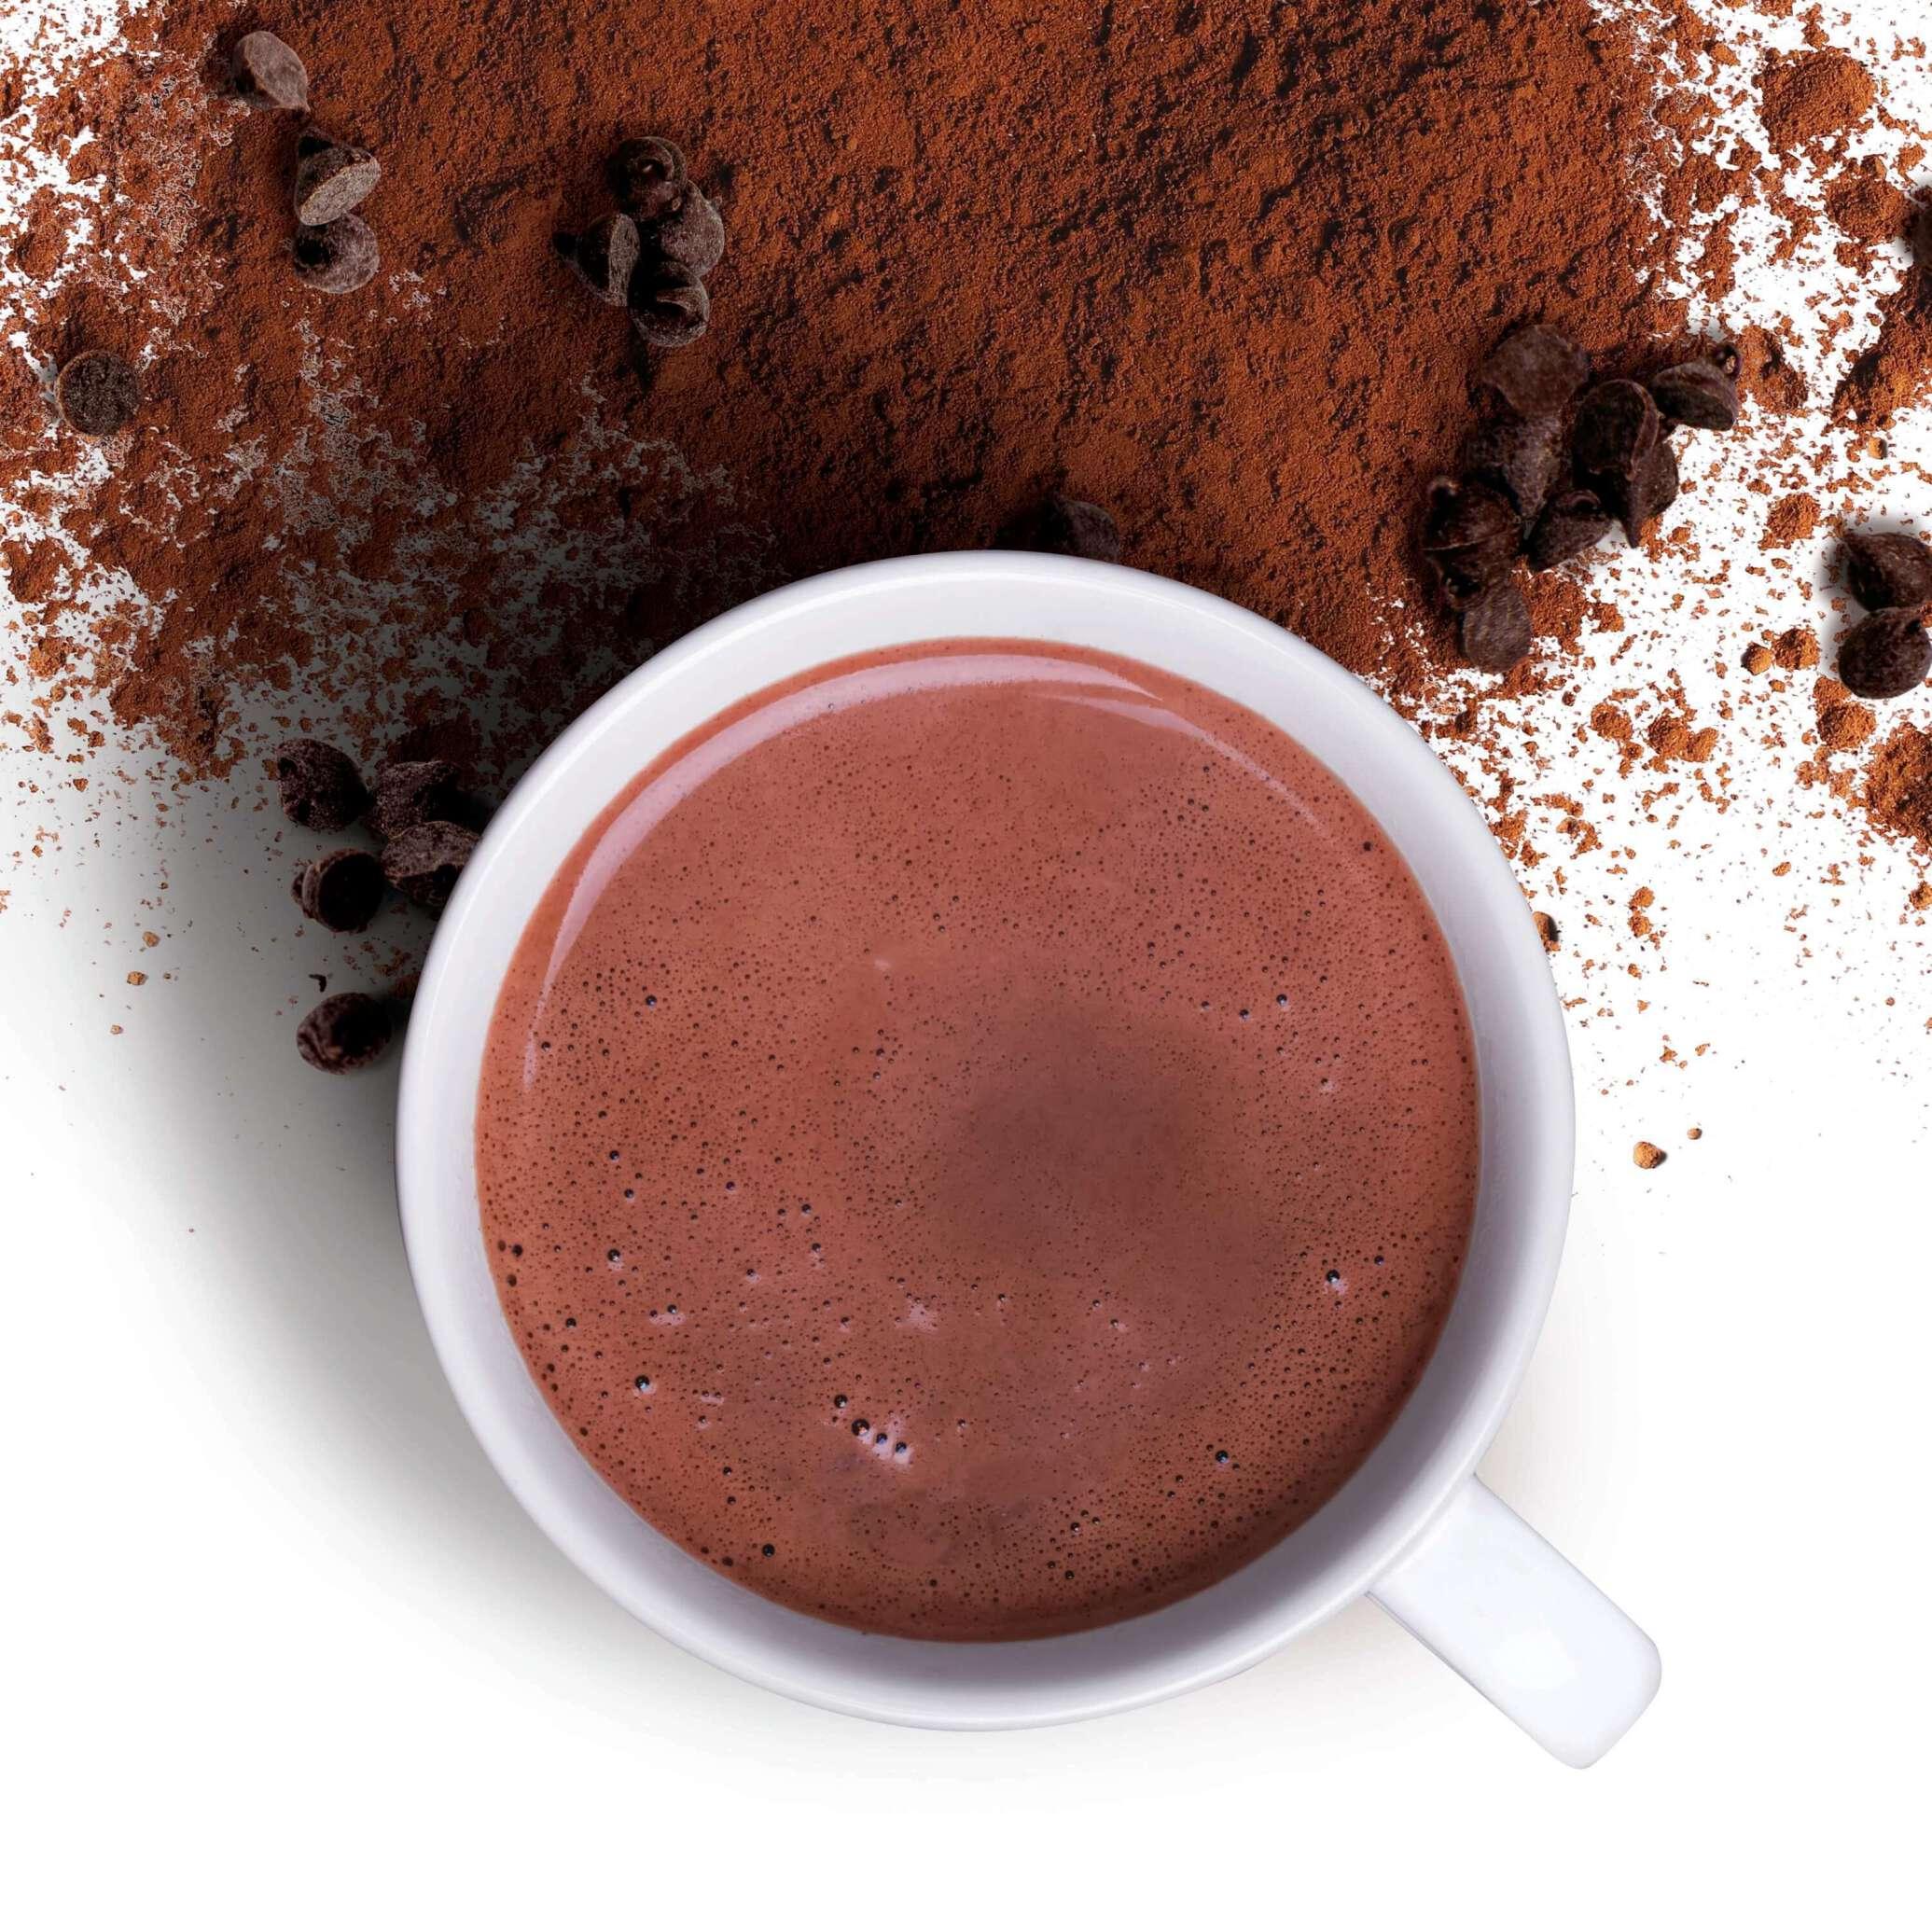 پودر هات چاکلت فوری کلاسیک قهوه فوری وجیسنک فروشگاه وجی اسنک مرجع تخصصی قهوه های شرکتی و فله قیمت عمده و خرده